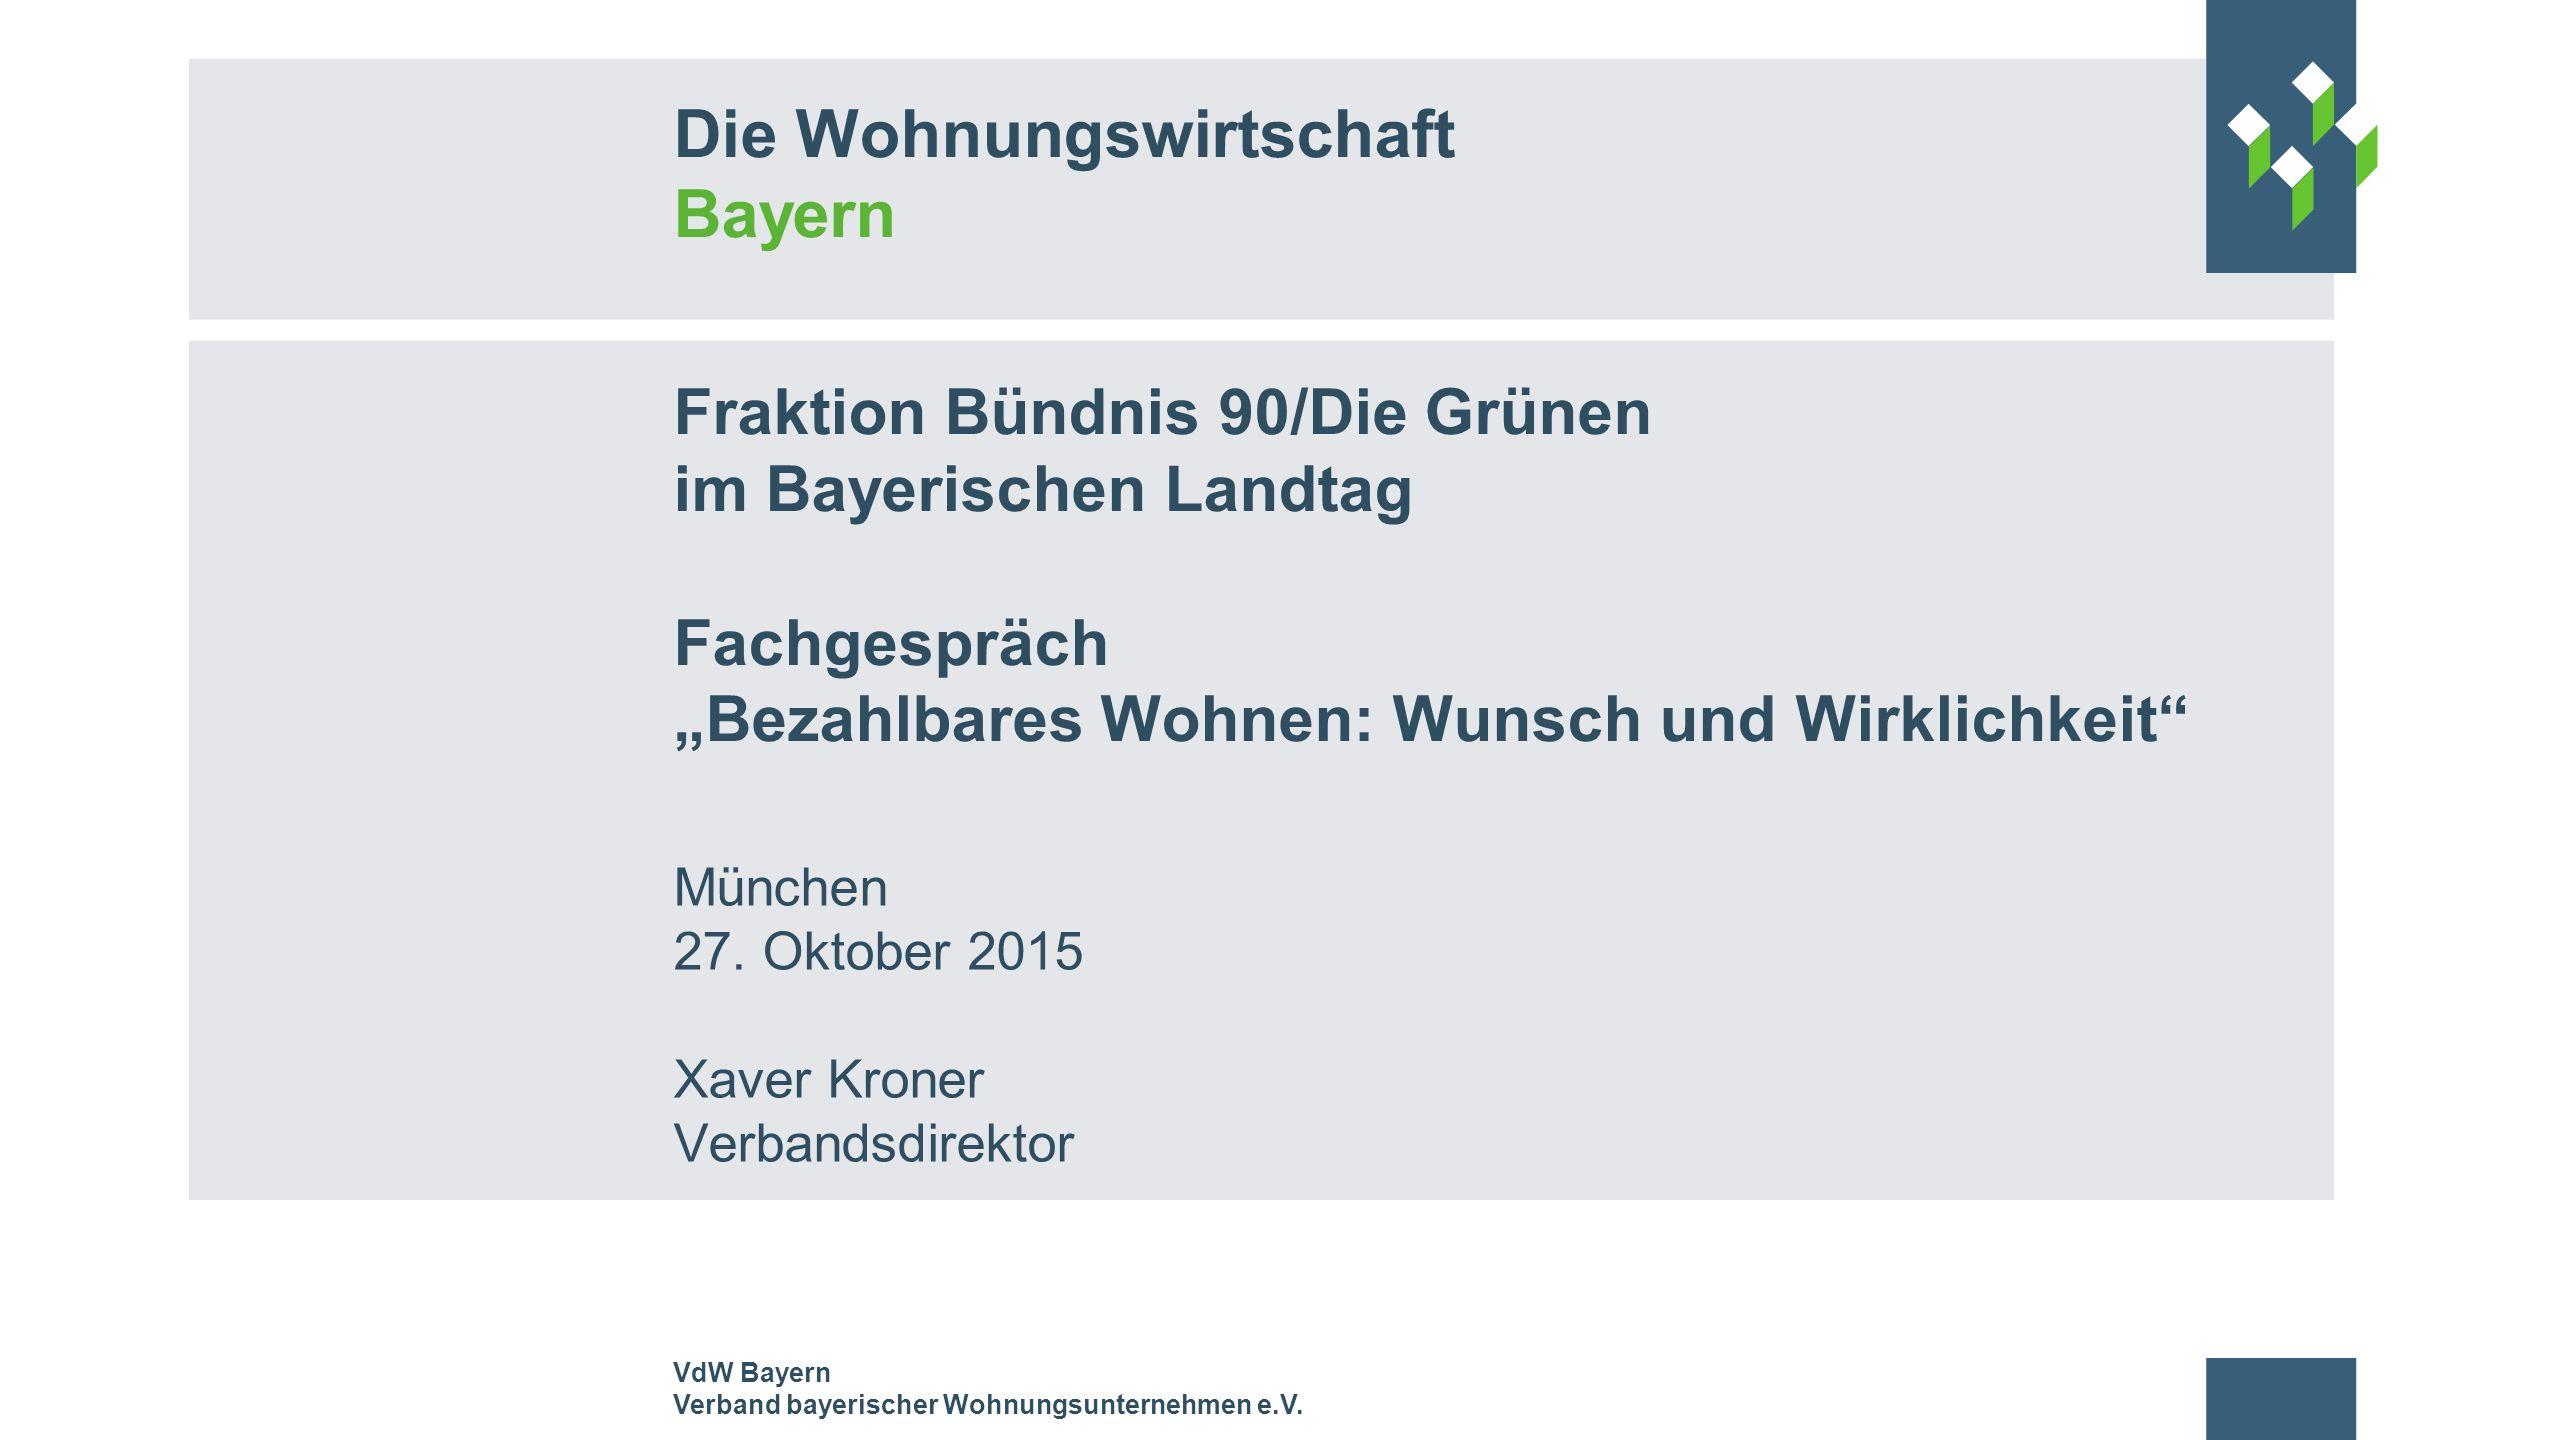 """Fraktion Bündnis 90/Die Grünen im Bayerischen Landtag Fachgespräch """"Bezahlbares Wohnen: Wunsch und Wirklichkeit"""